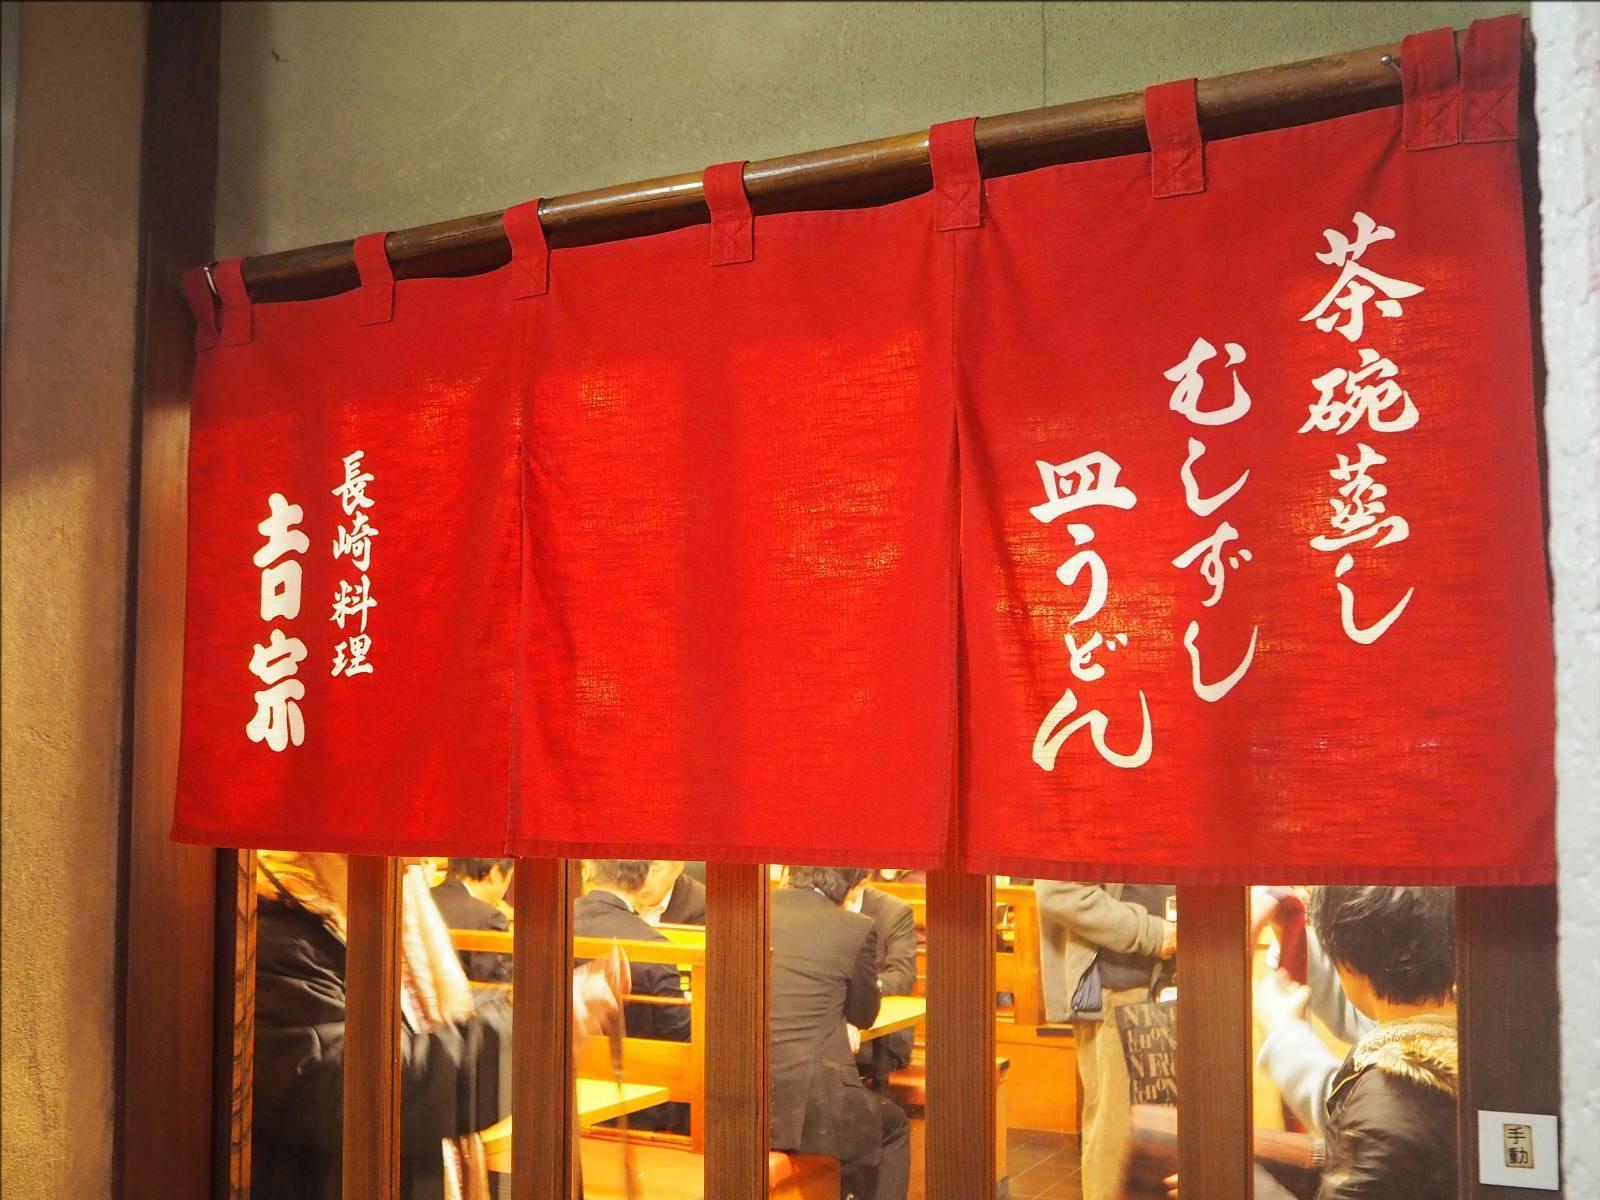 銀座吉宗(よっそう)閉店_b0054329_10413670.jpg